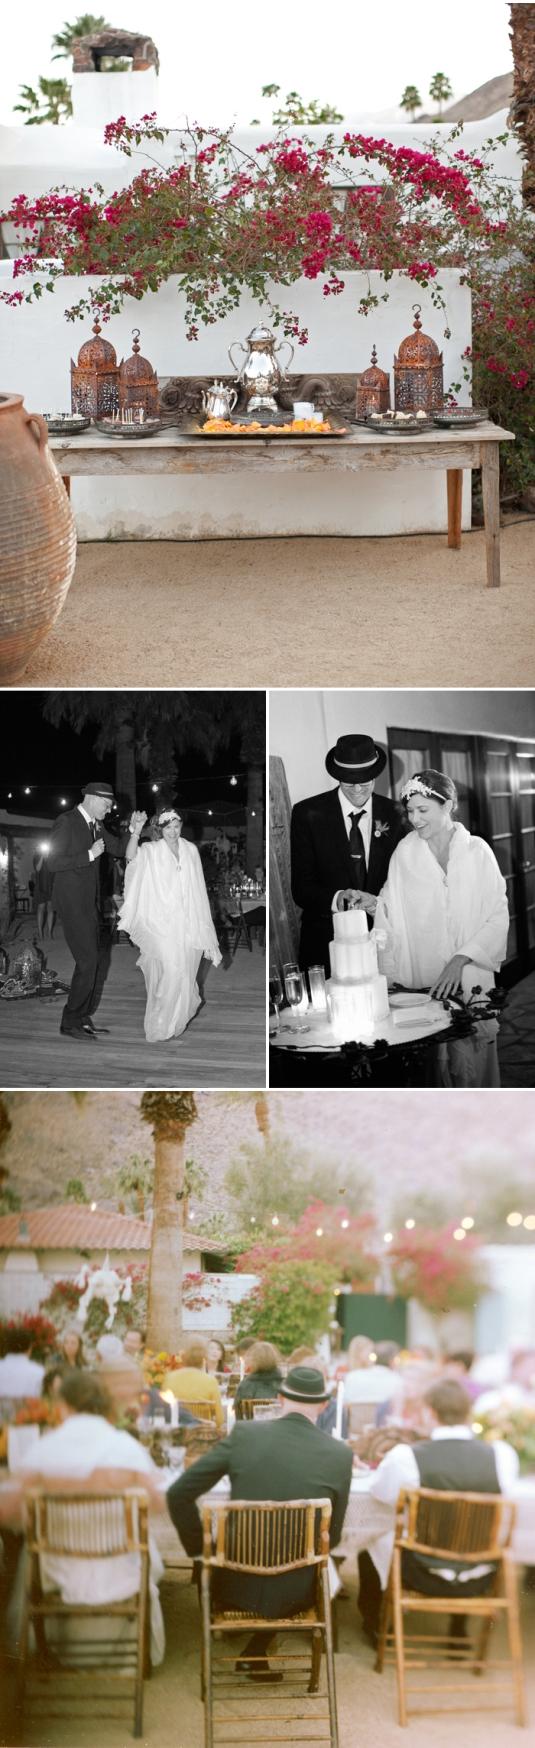 Blog Sarah Leão - Miquéias Madalena - Casamento